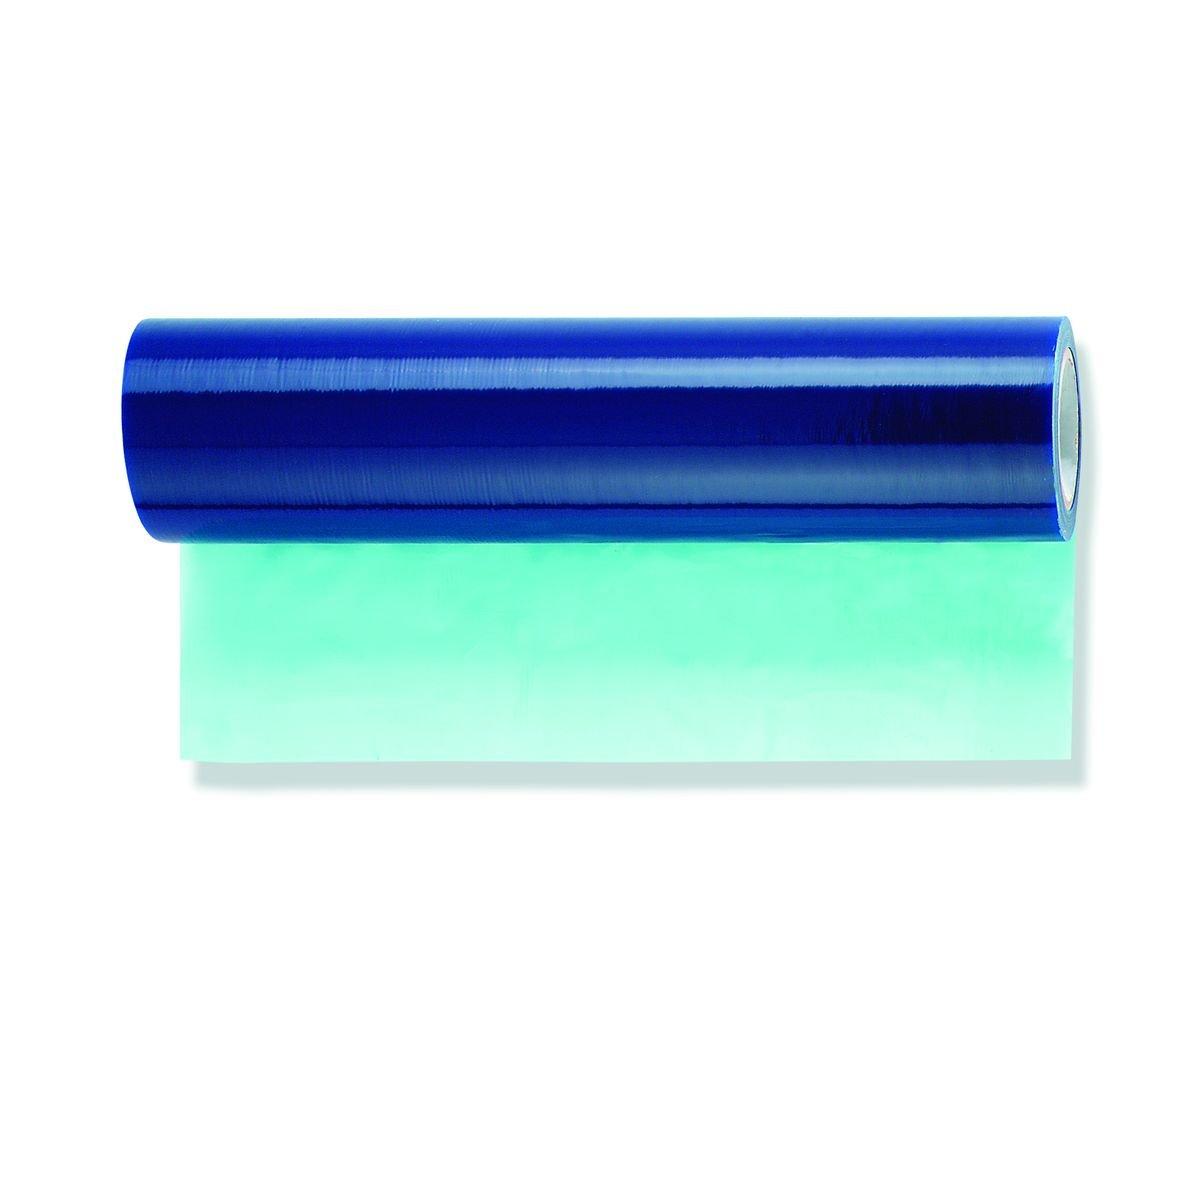 4x Glasschutzfolie blau selbsthaftend 100cm x 100m Fenster PE